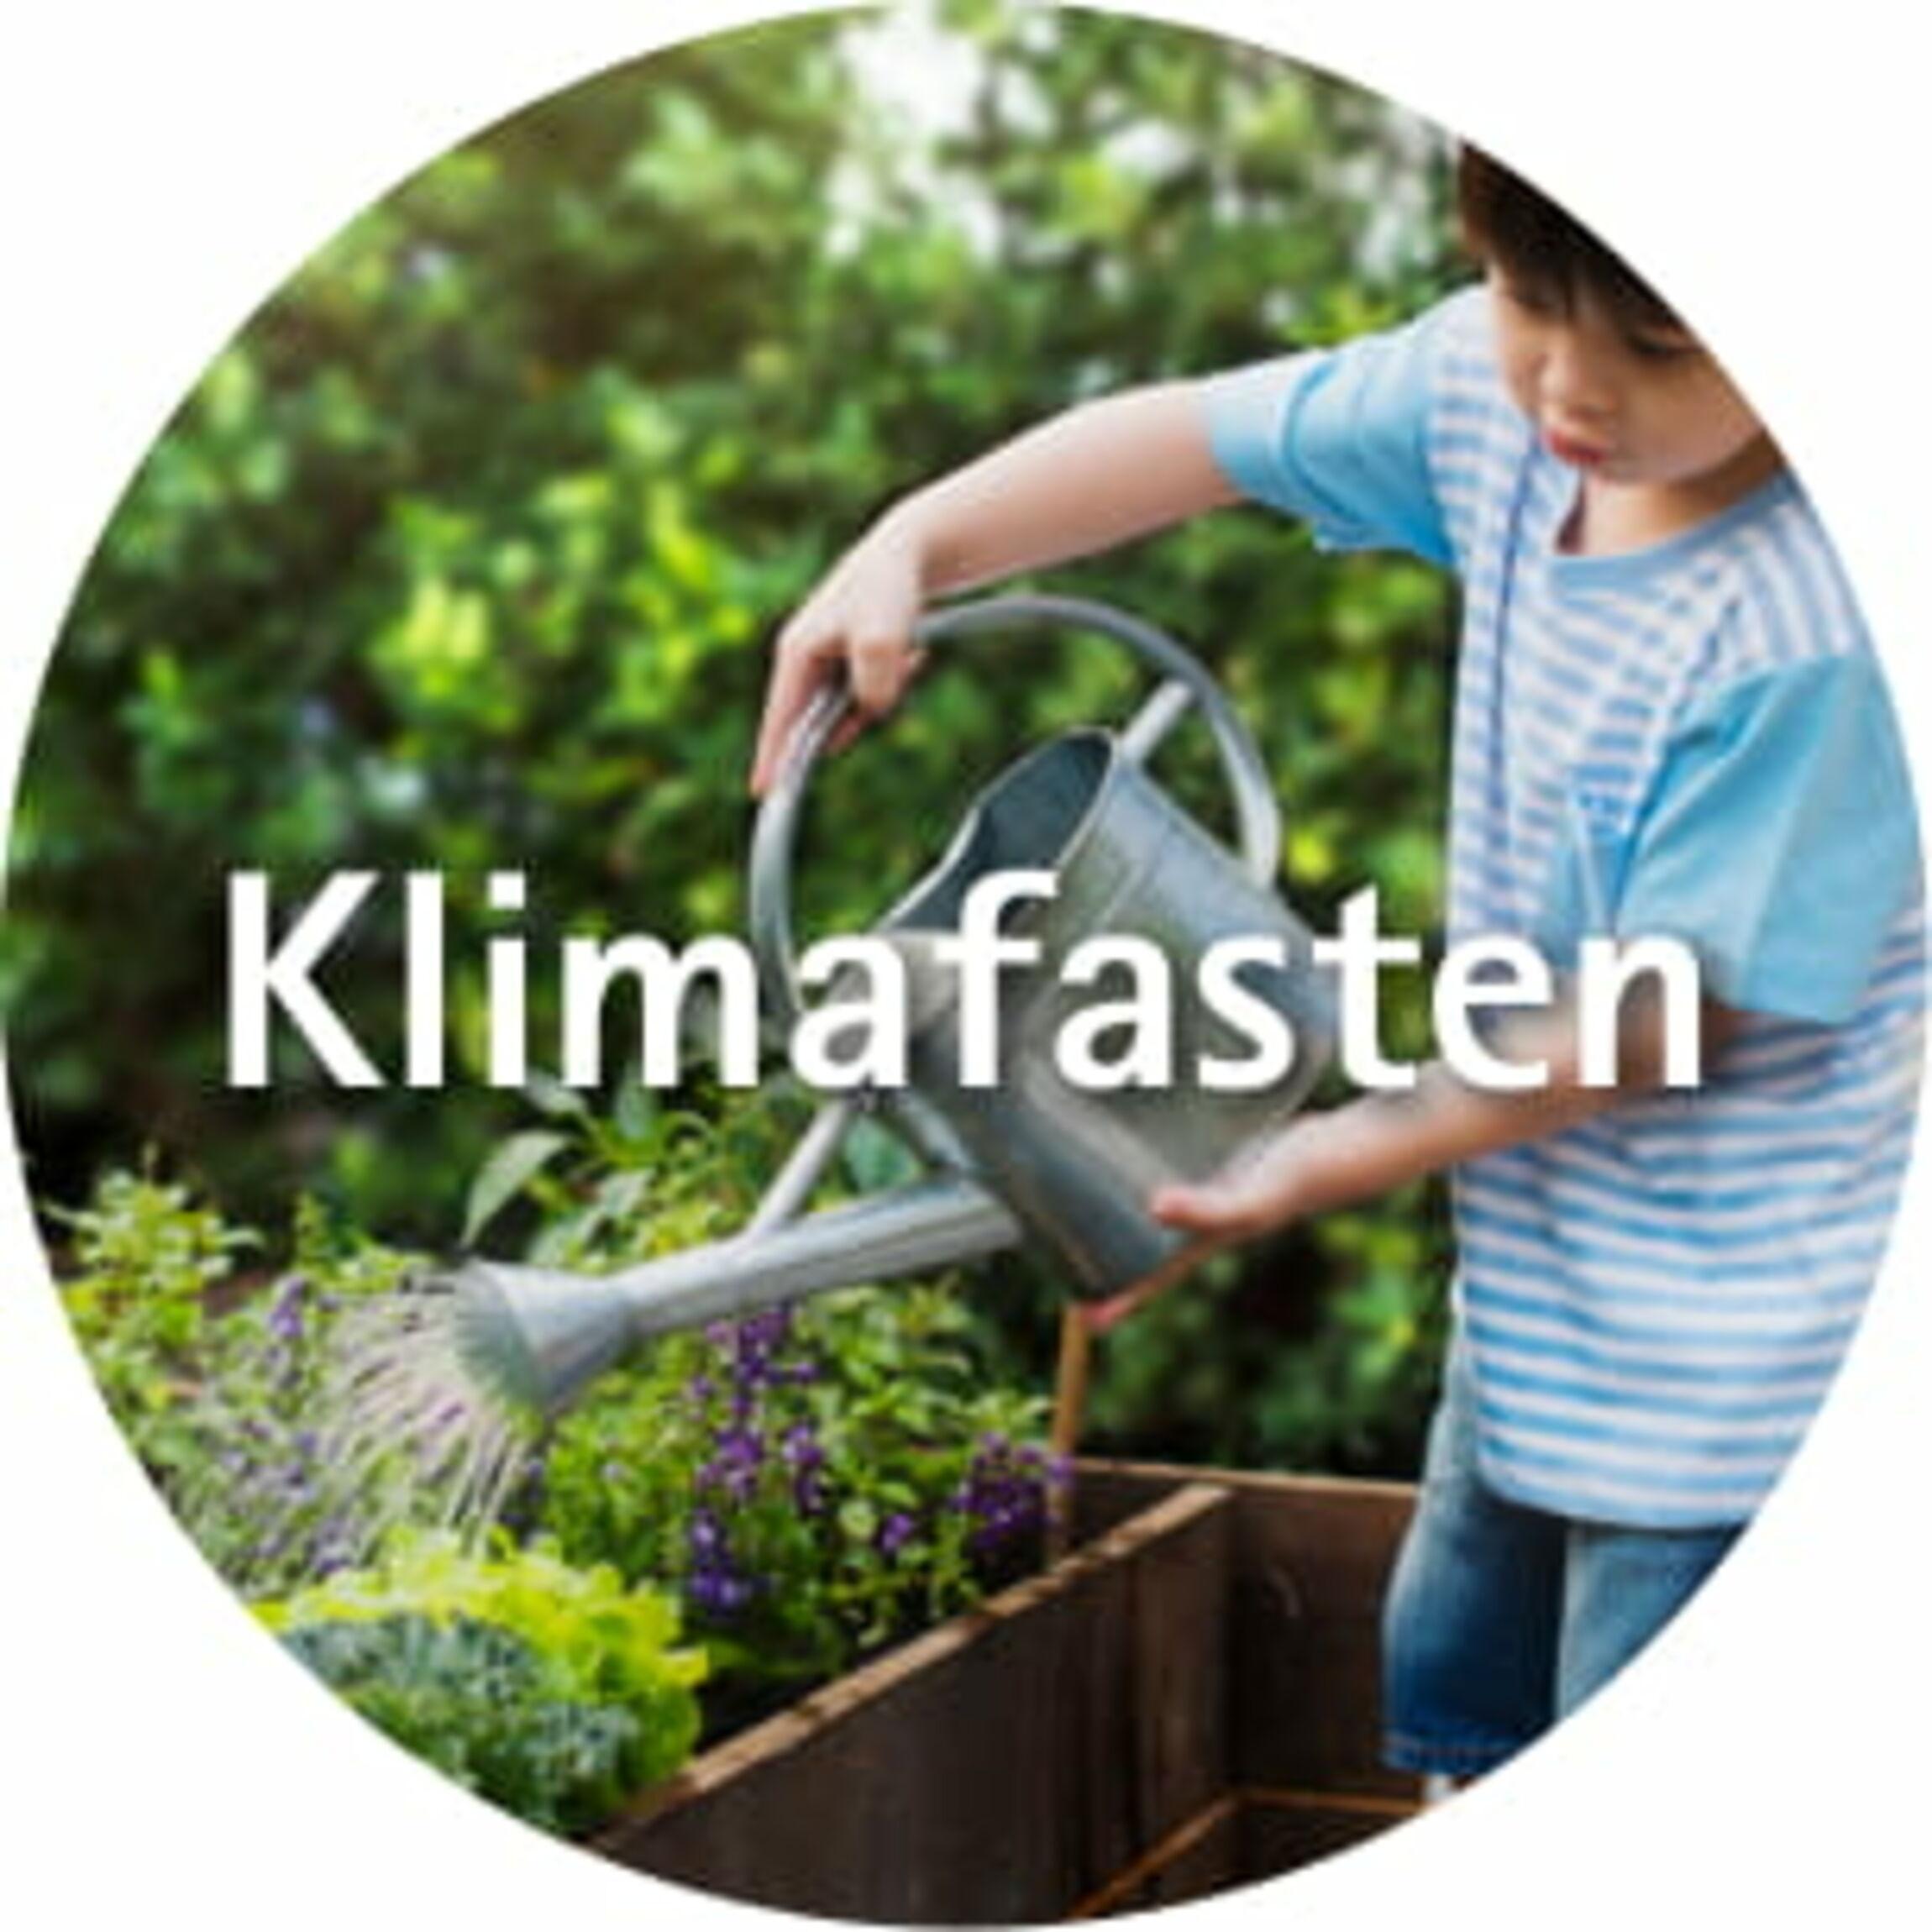 www.klimafasten.de